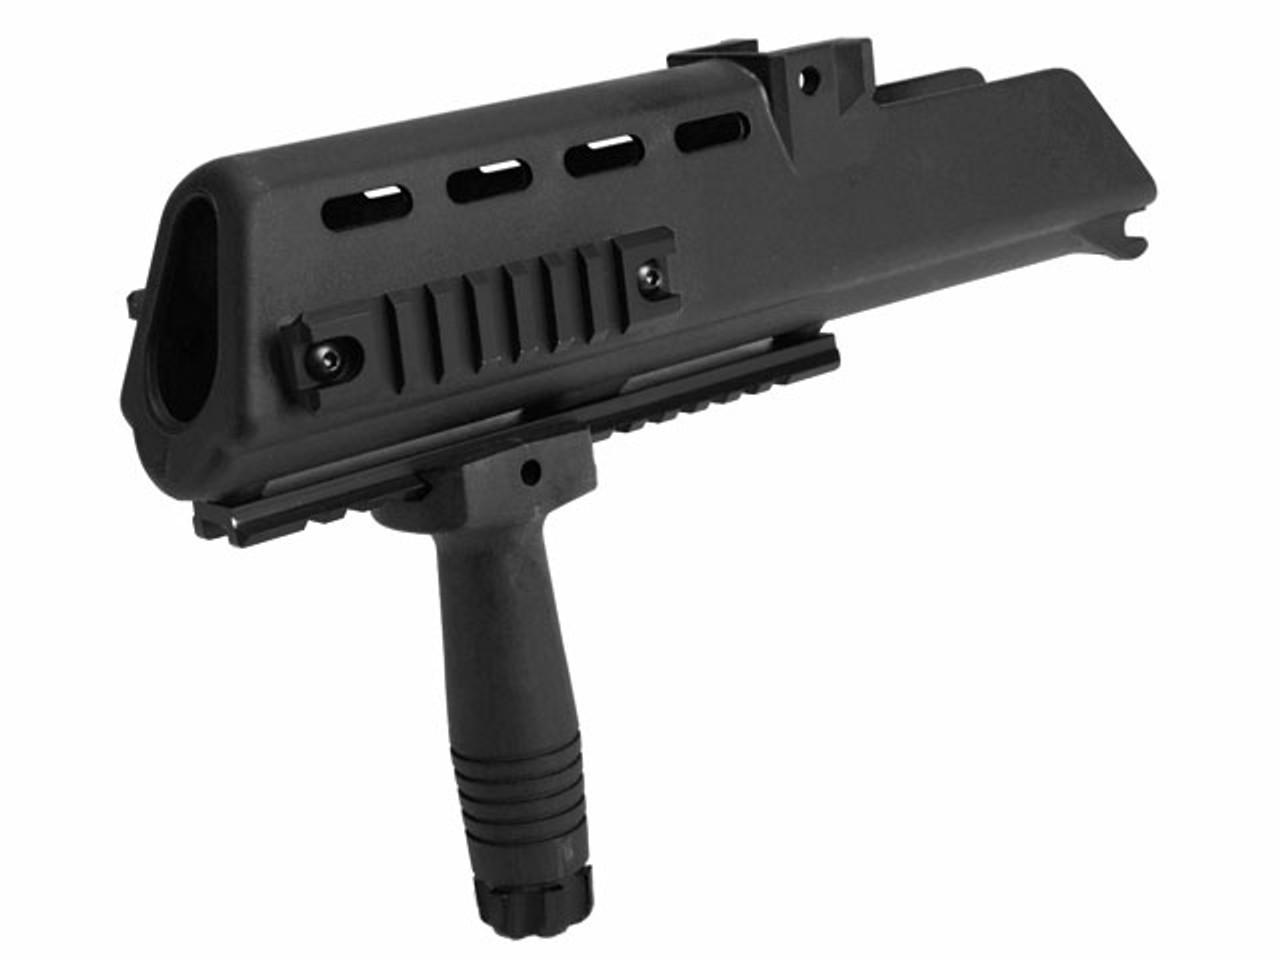 RIS Handguard Set for H&K G36 Series Airsoft AEG Rifles - Black